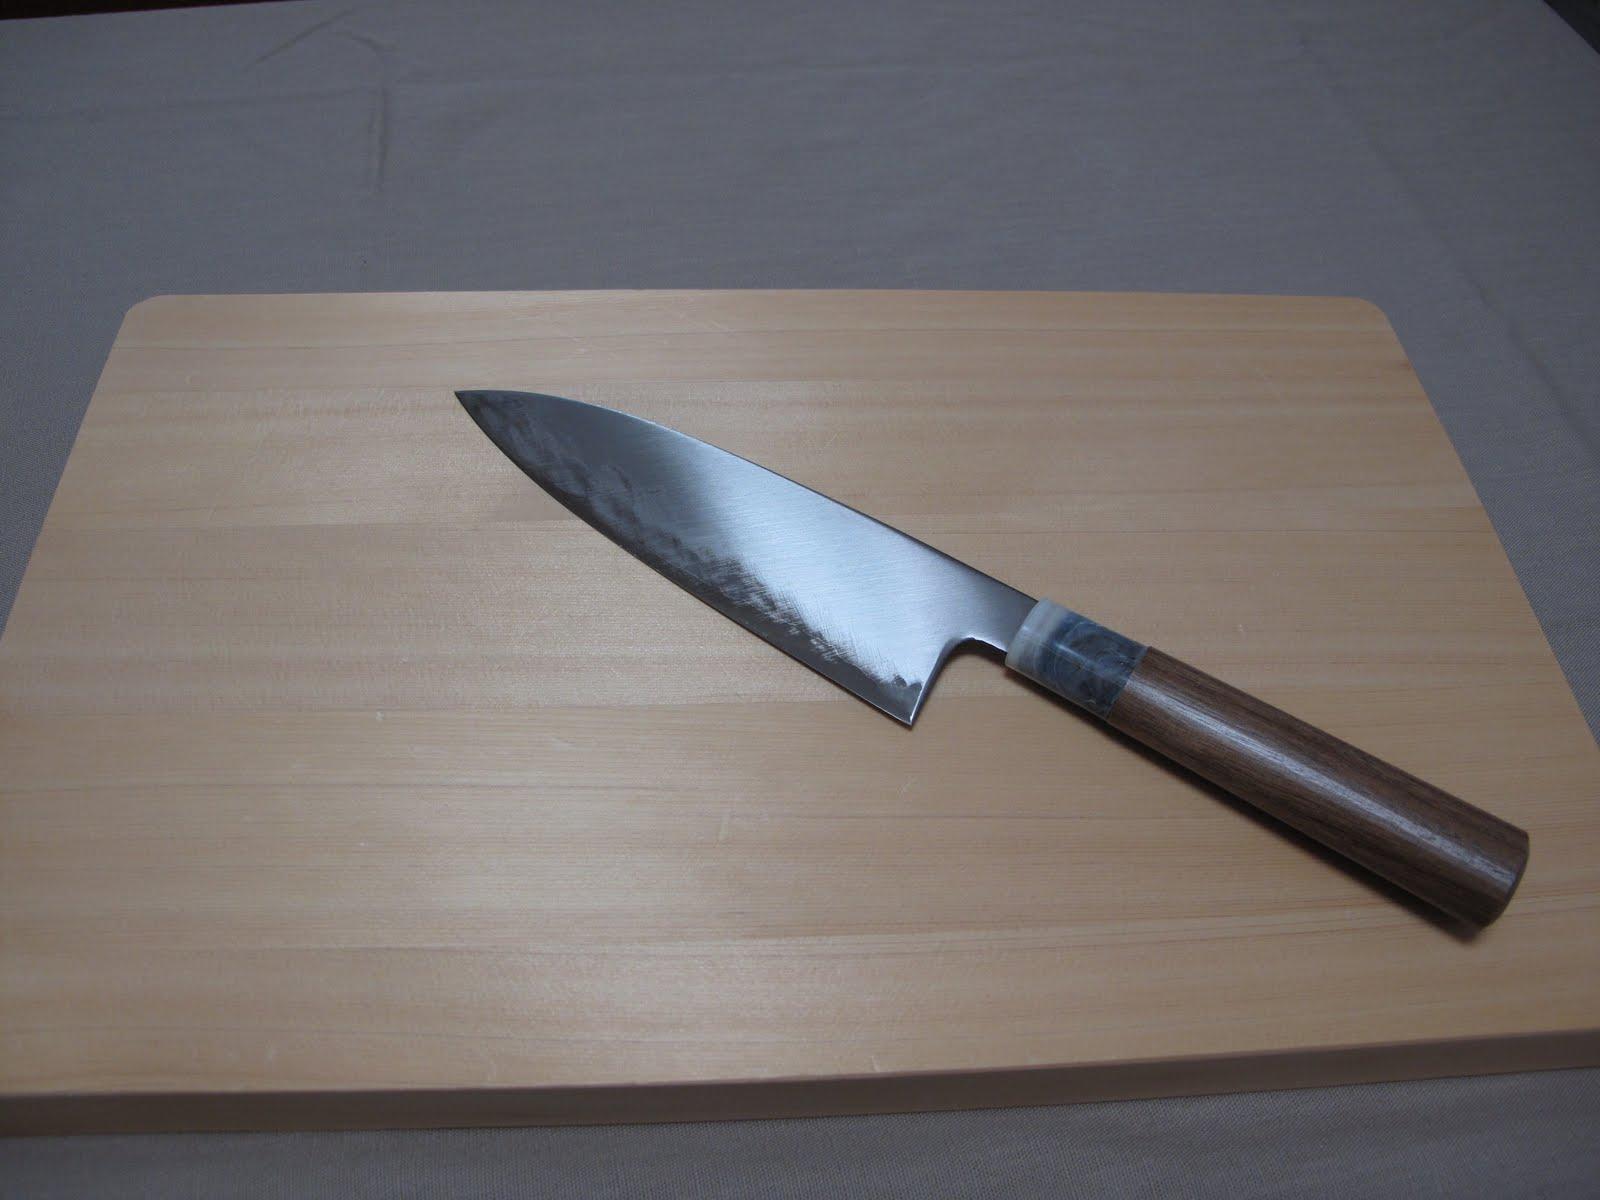 I monologhi coltello da cucina - Coltello da cucina ...